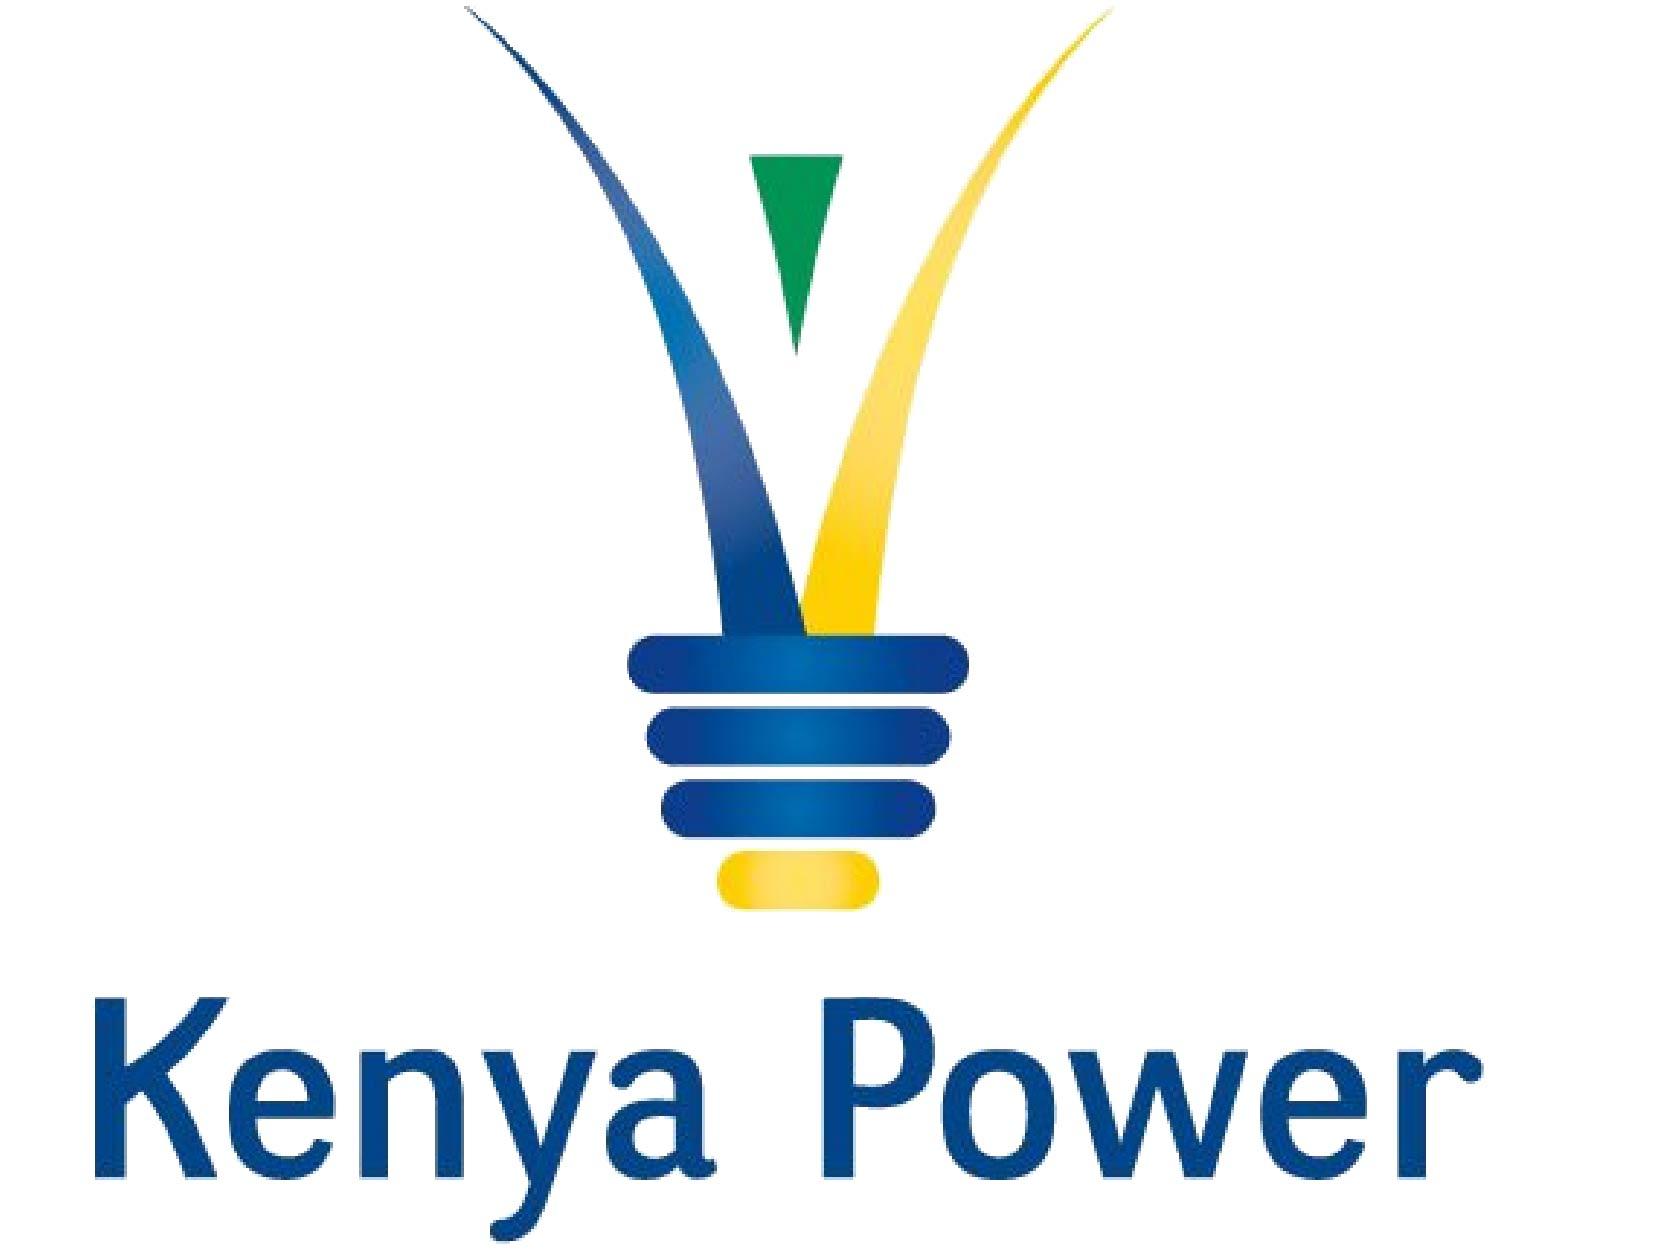 Kplc  sc 1 st  kenyanlife.info & Kplc- kplc kenya Paybill number electricity bill enquiry azcodes.com